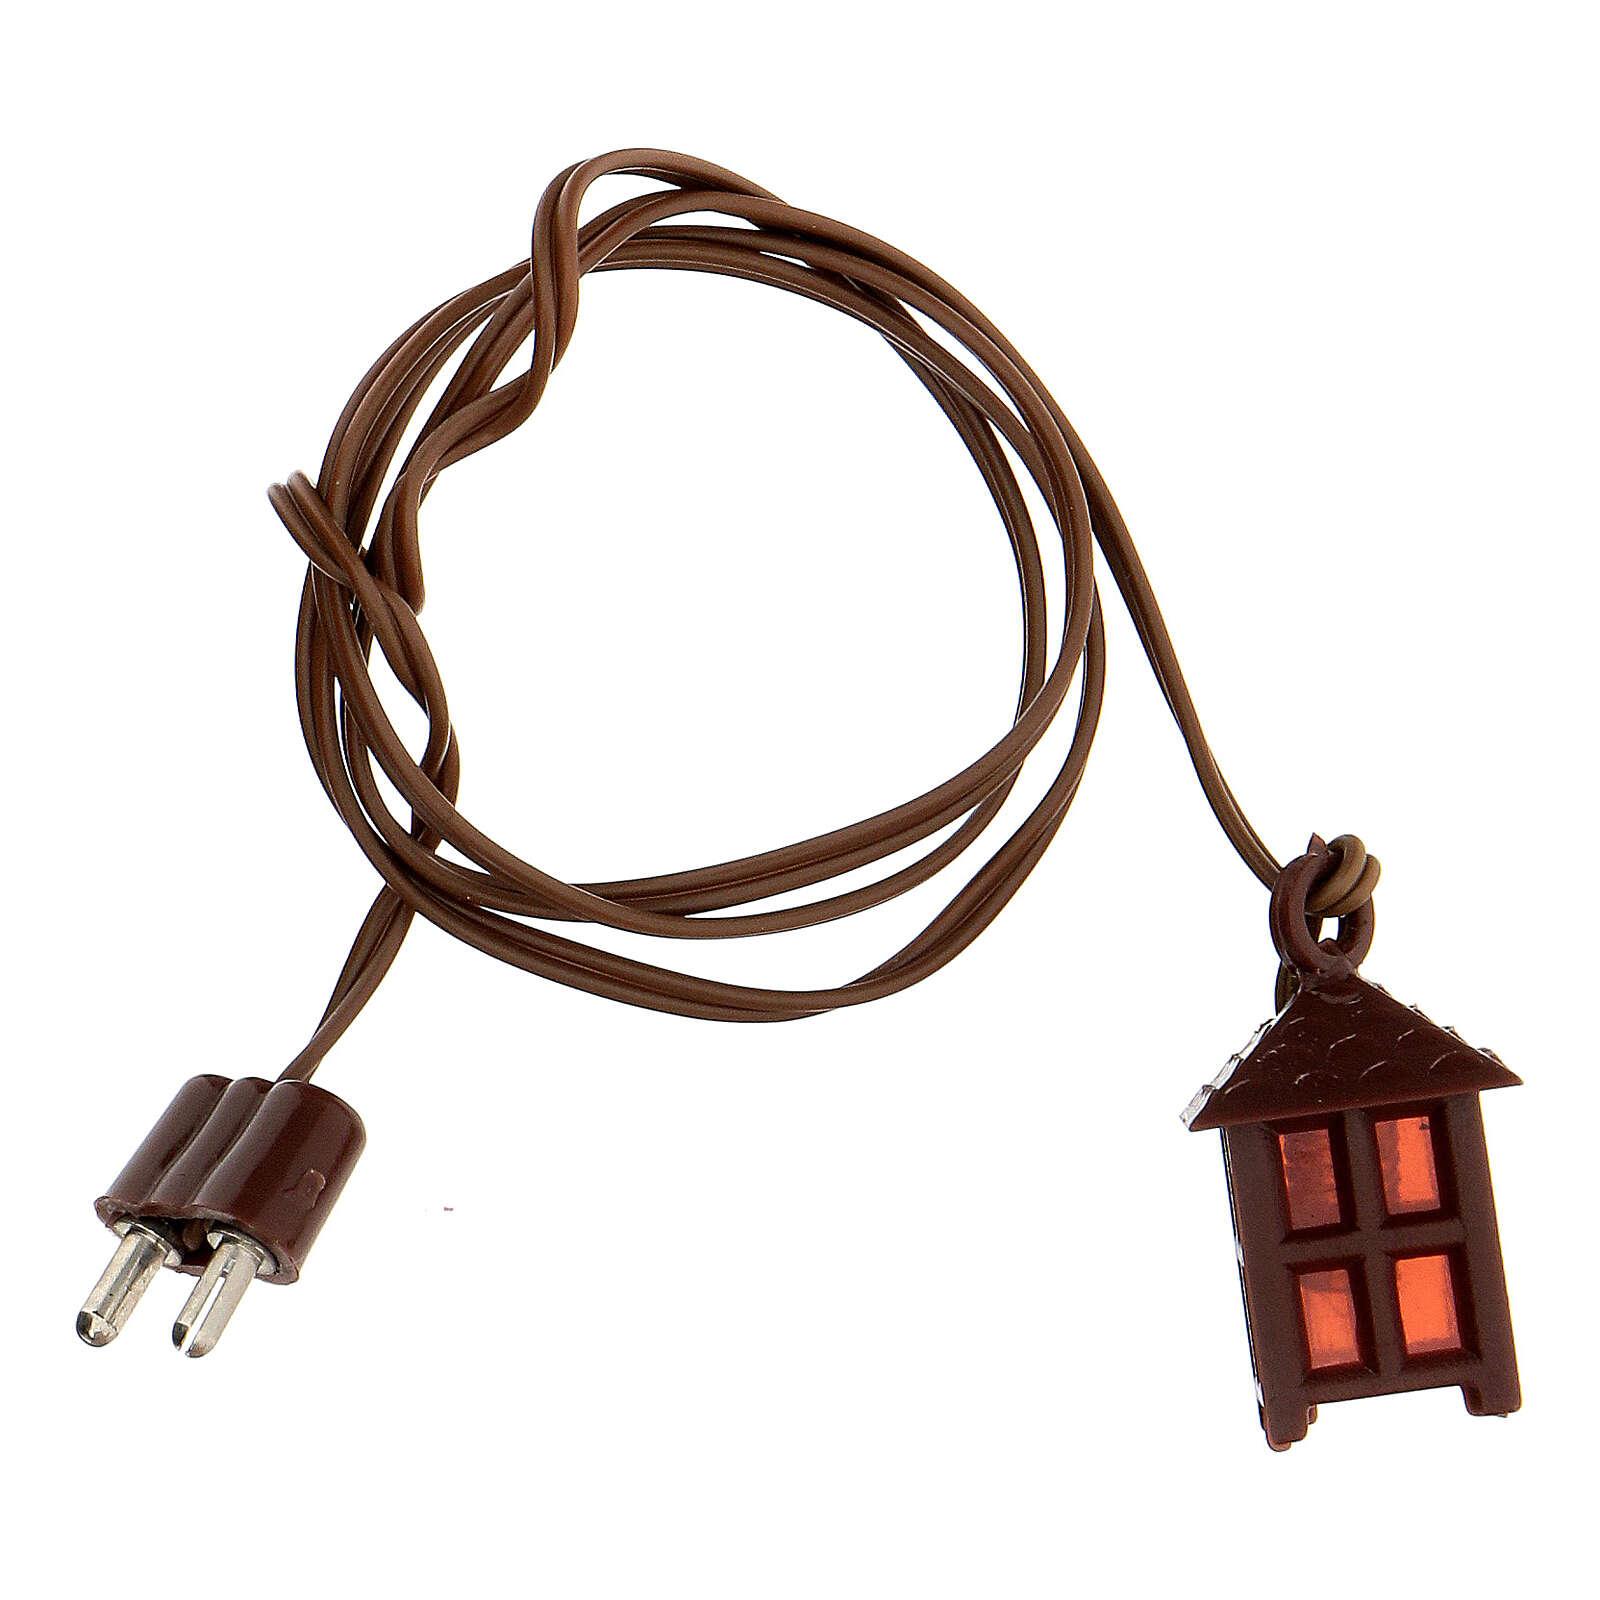 Lampione plastica luce rossa h 2,5 cm 4